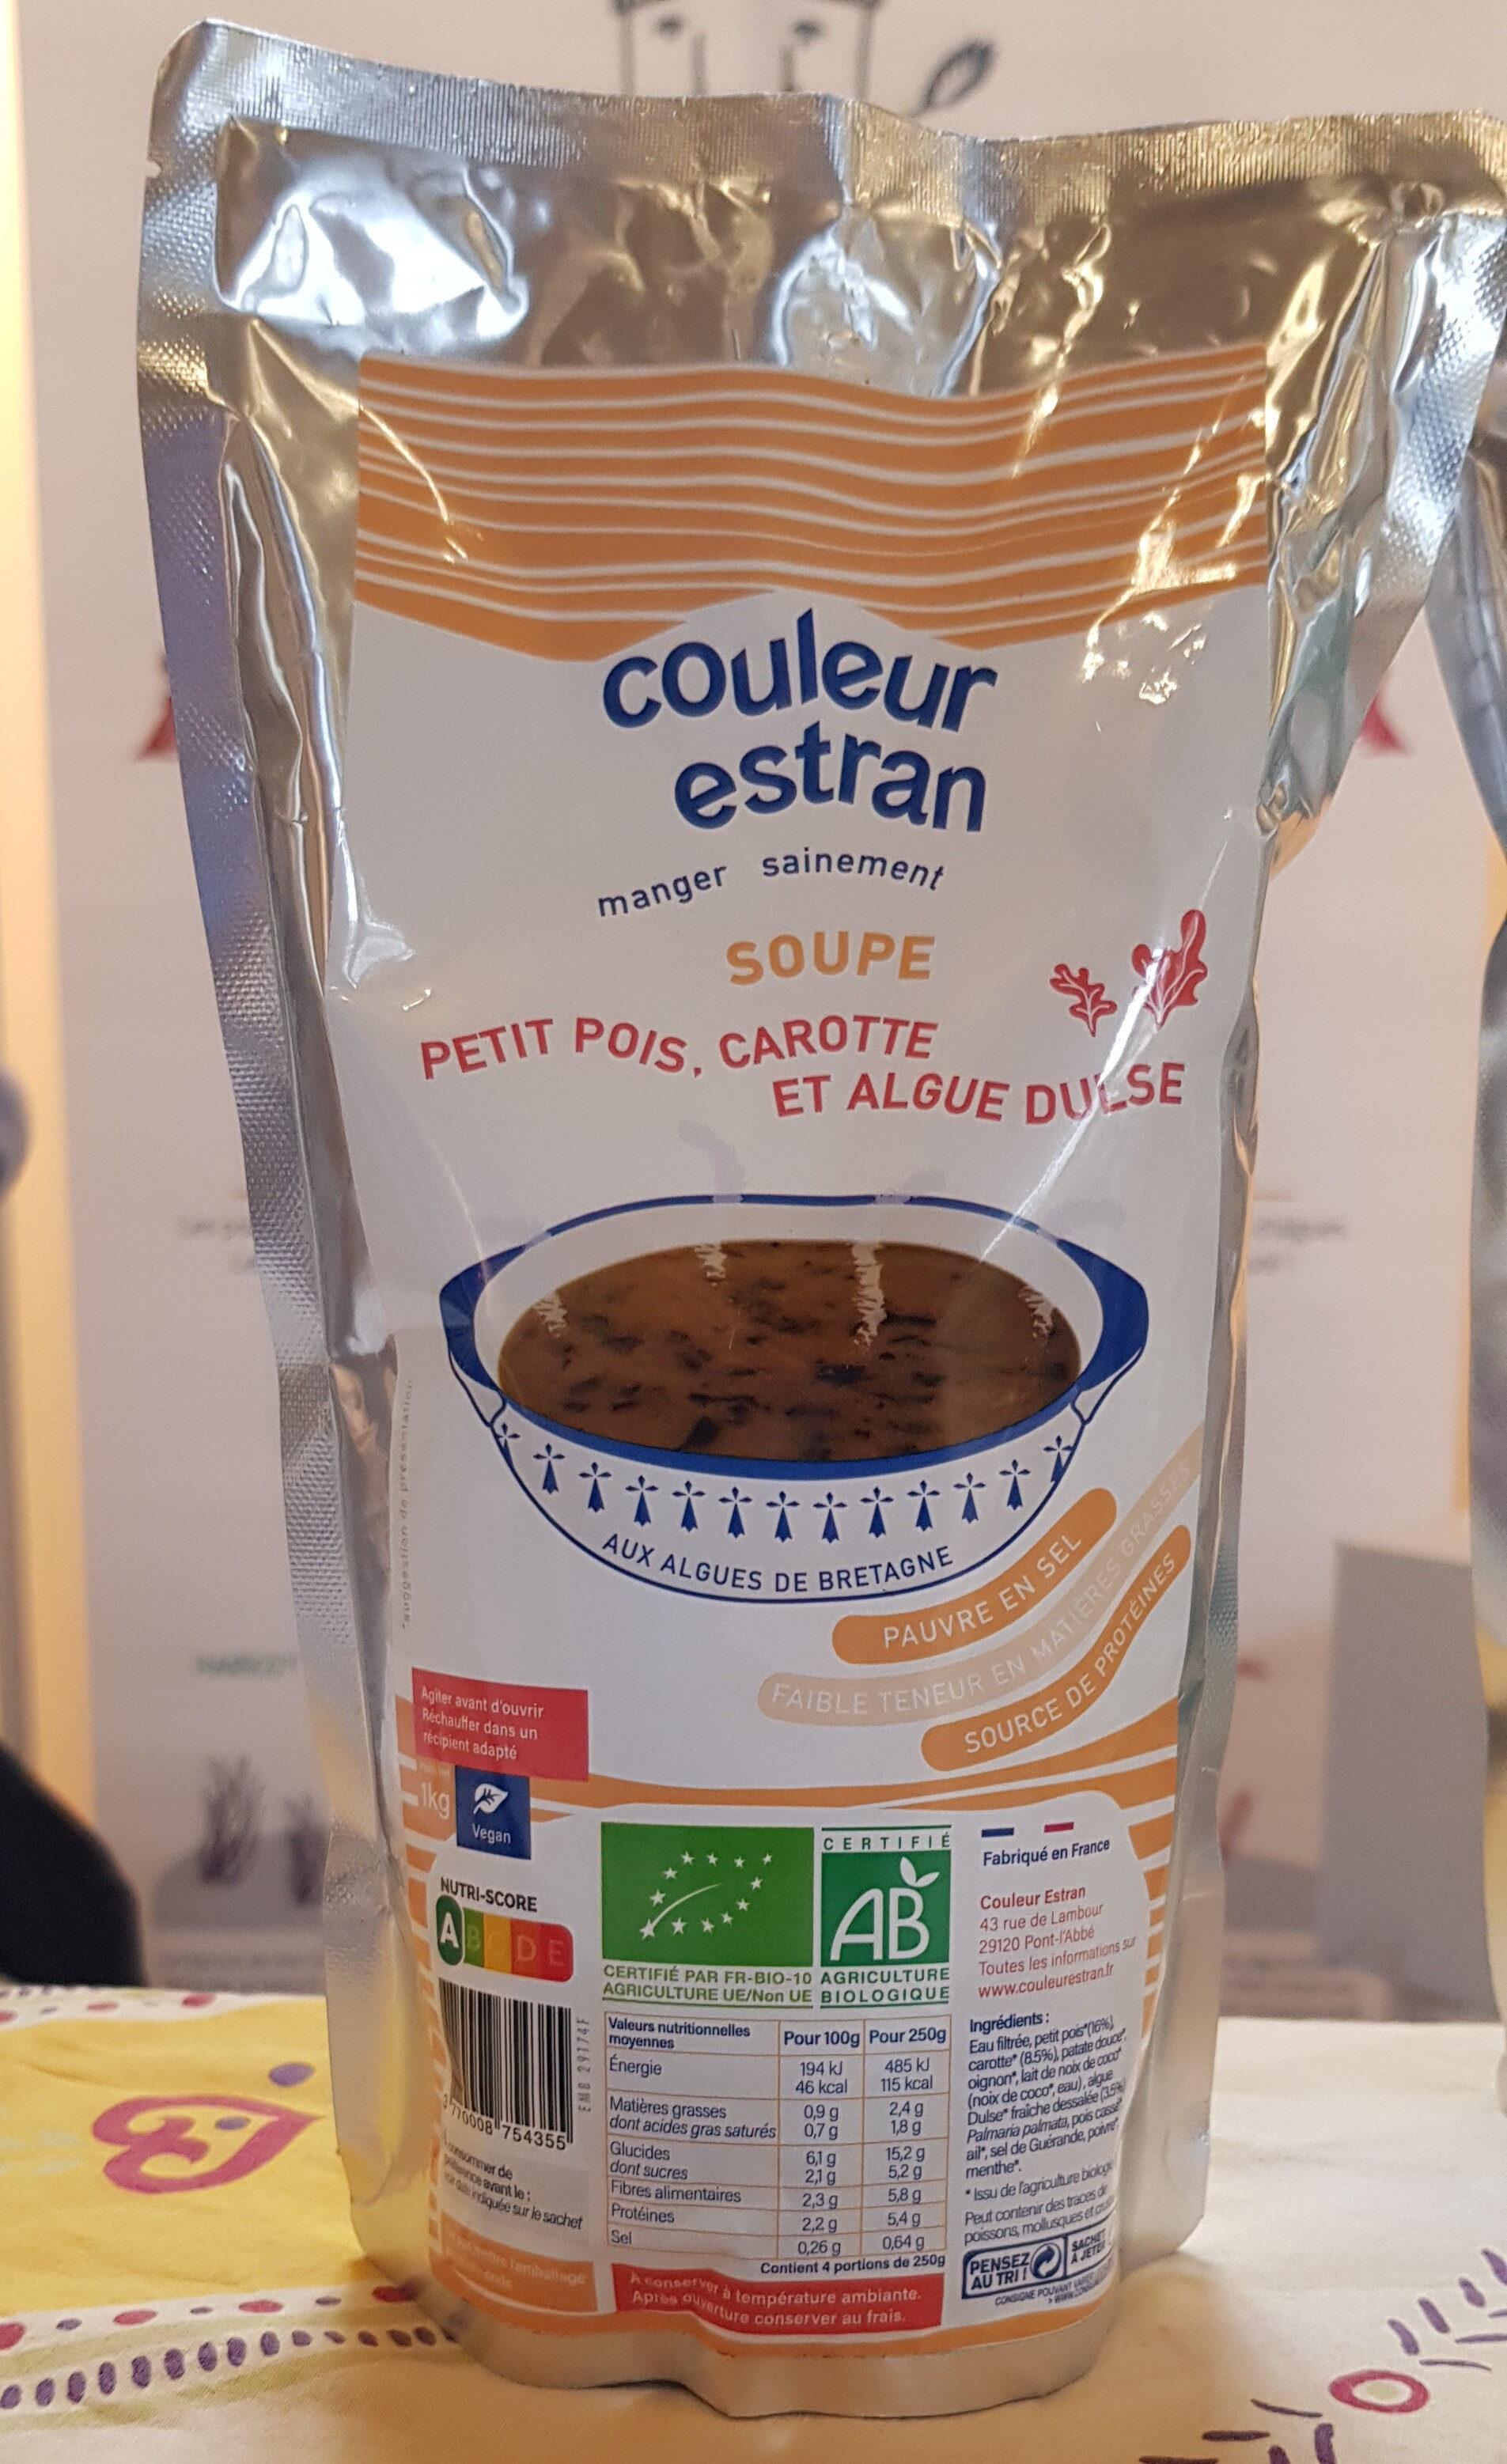 Soupe petits pois, carotte et algue dulce - Produit